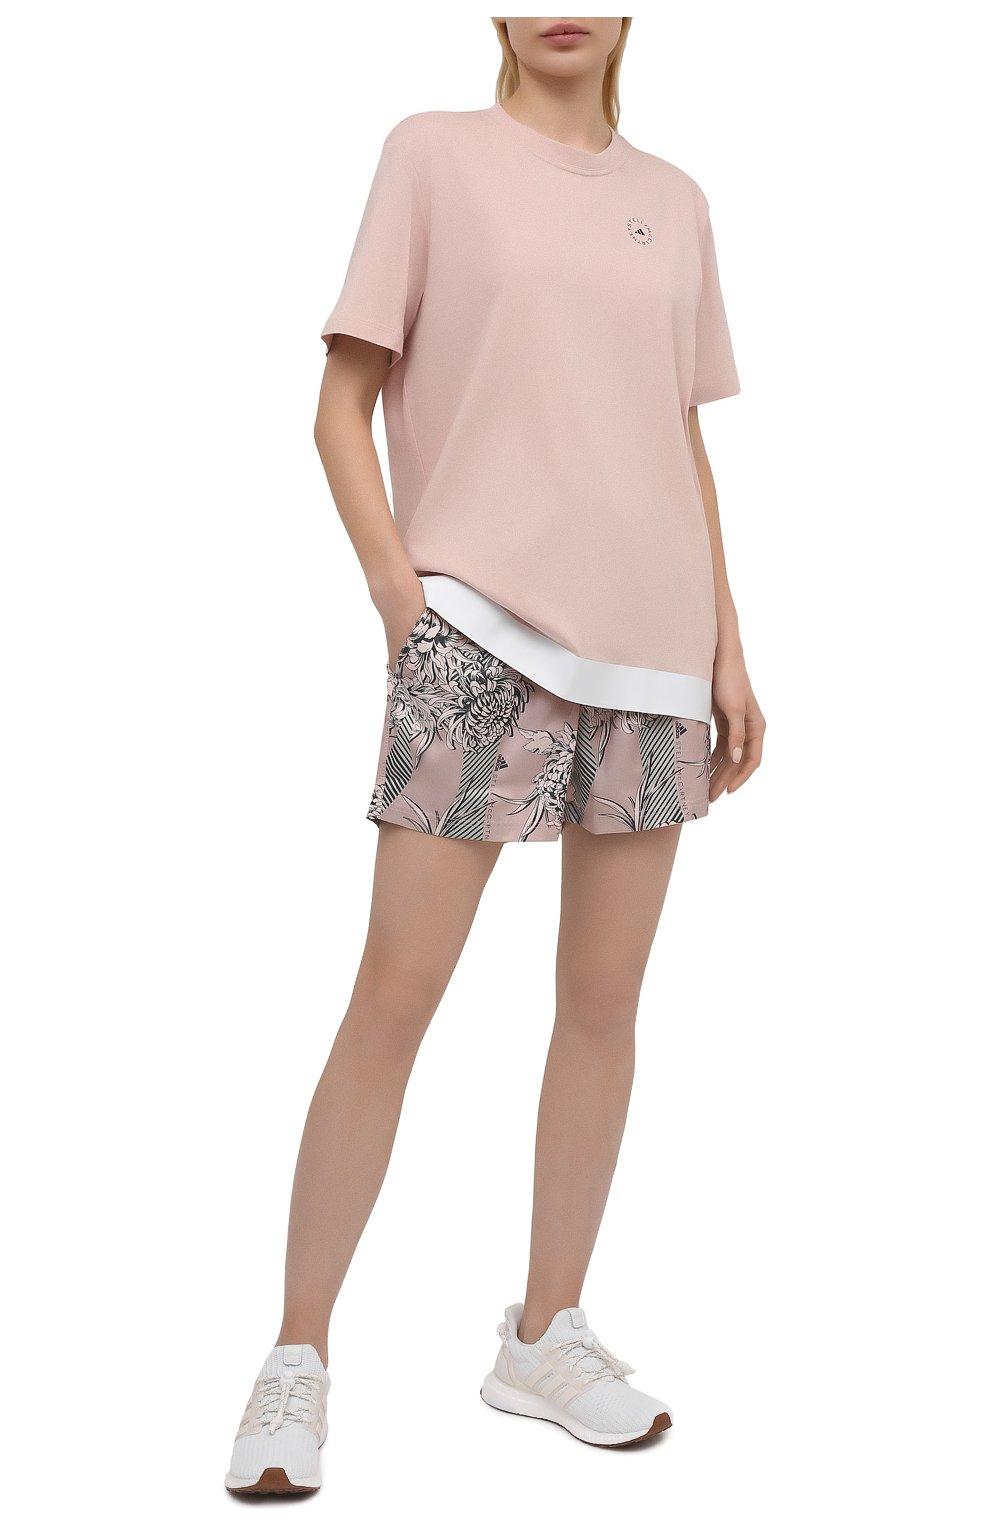 Женская хлопковая футболка ADIDAS BY STELLA MCCARTNEY розового цвета, арт. GL5269 | Фото 2 (Женское Кросс-КТ: Футболка-спорт, Футболка-одежда; Рукава: Короткие; Принт: С принтом; Длина (для топов): Удлиненные; Материал внешний: Хлопок; Стили: Спорт-шик)